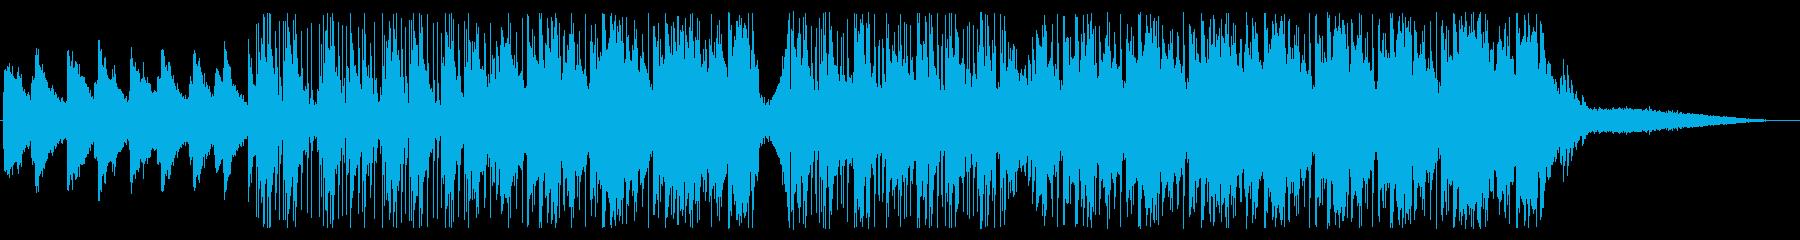 エフェクトを効かせたセンチメンタルな音楽の再生済みの波形